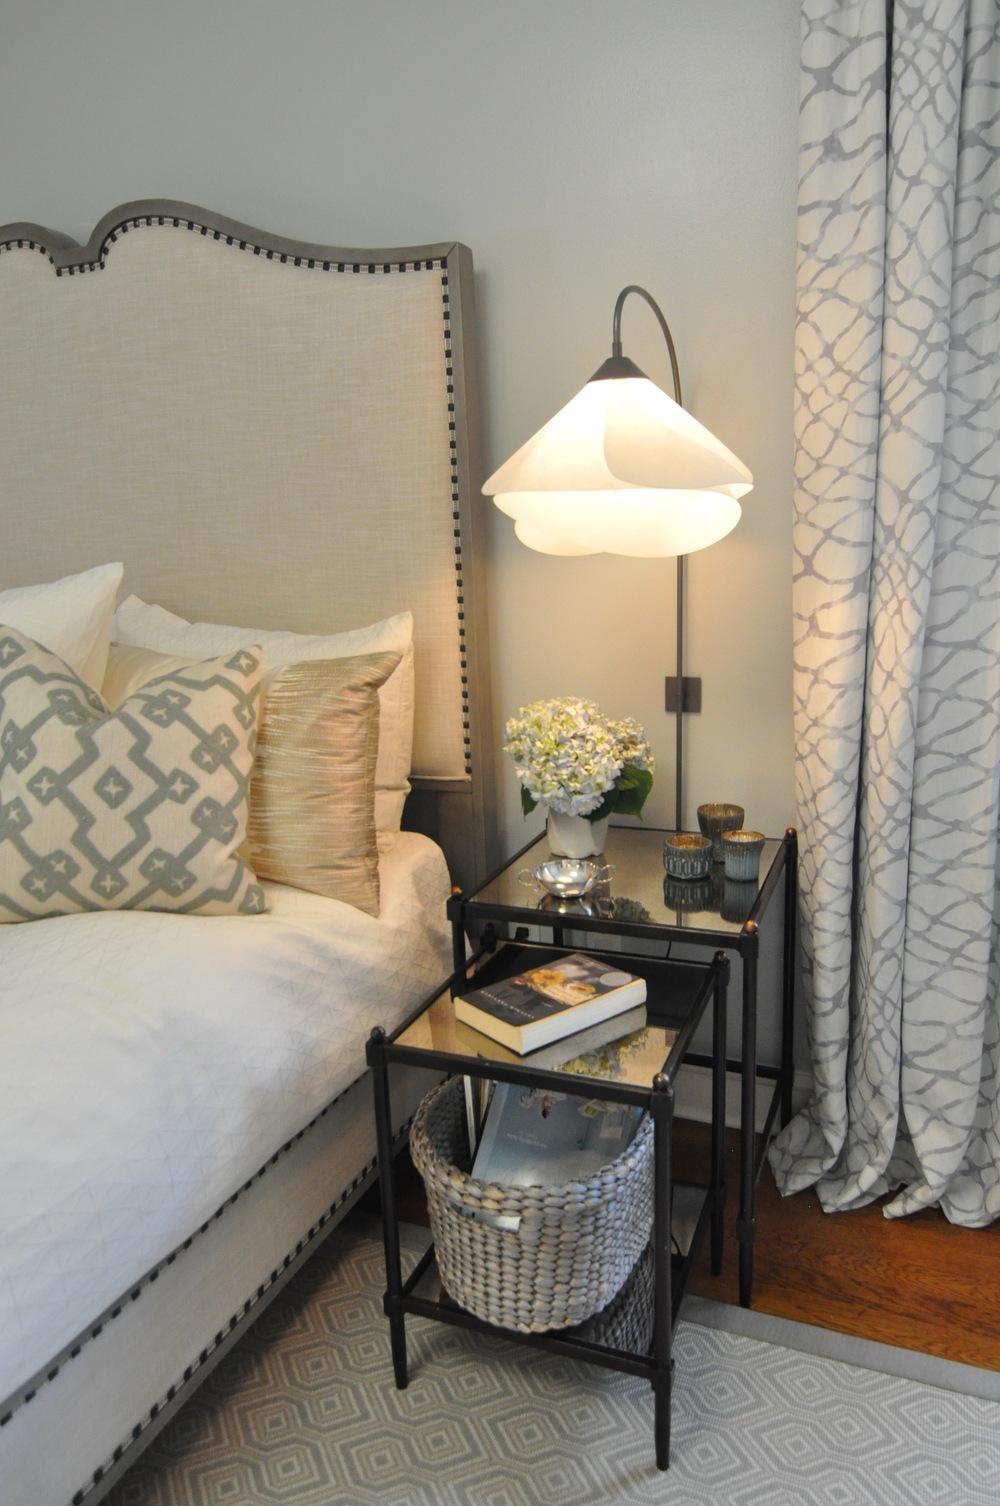 #321_Bedroom_CloseUp_Sconce_SideTable - 1.jpg